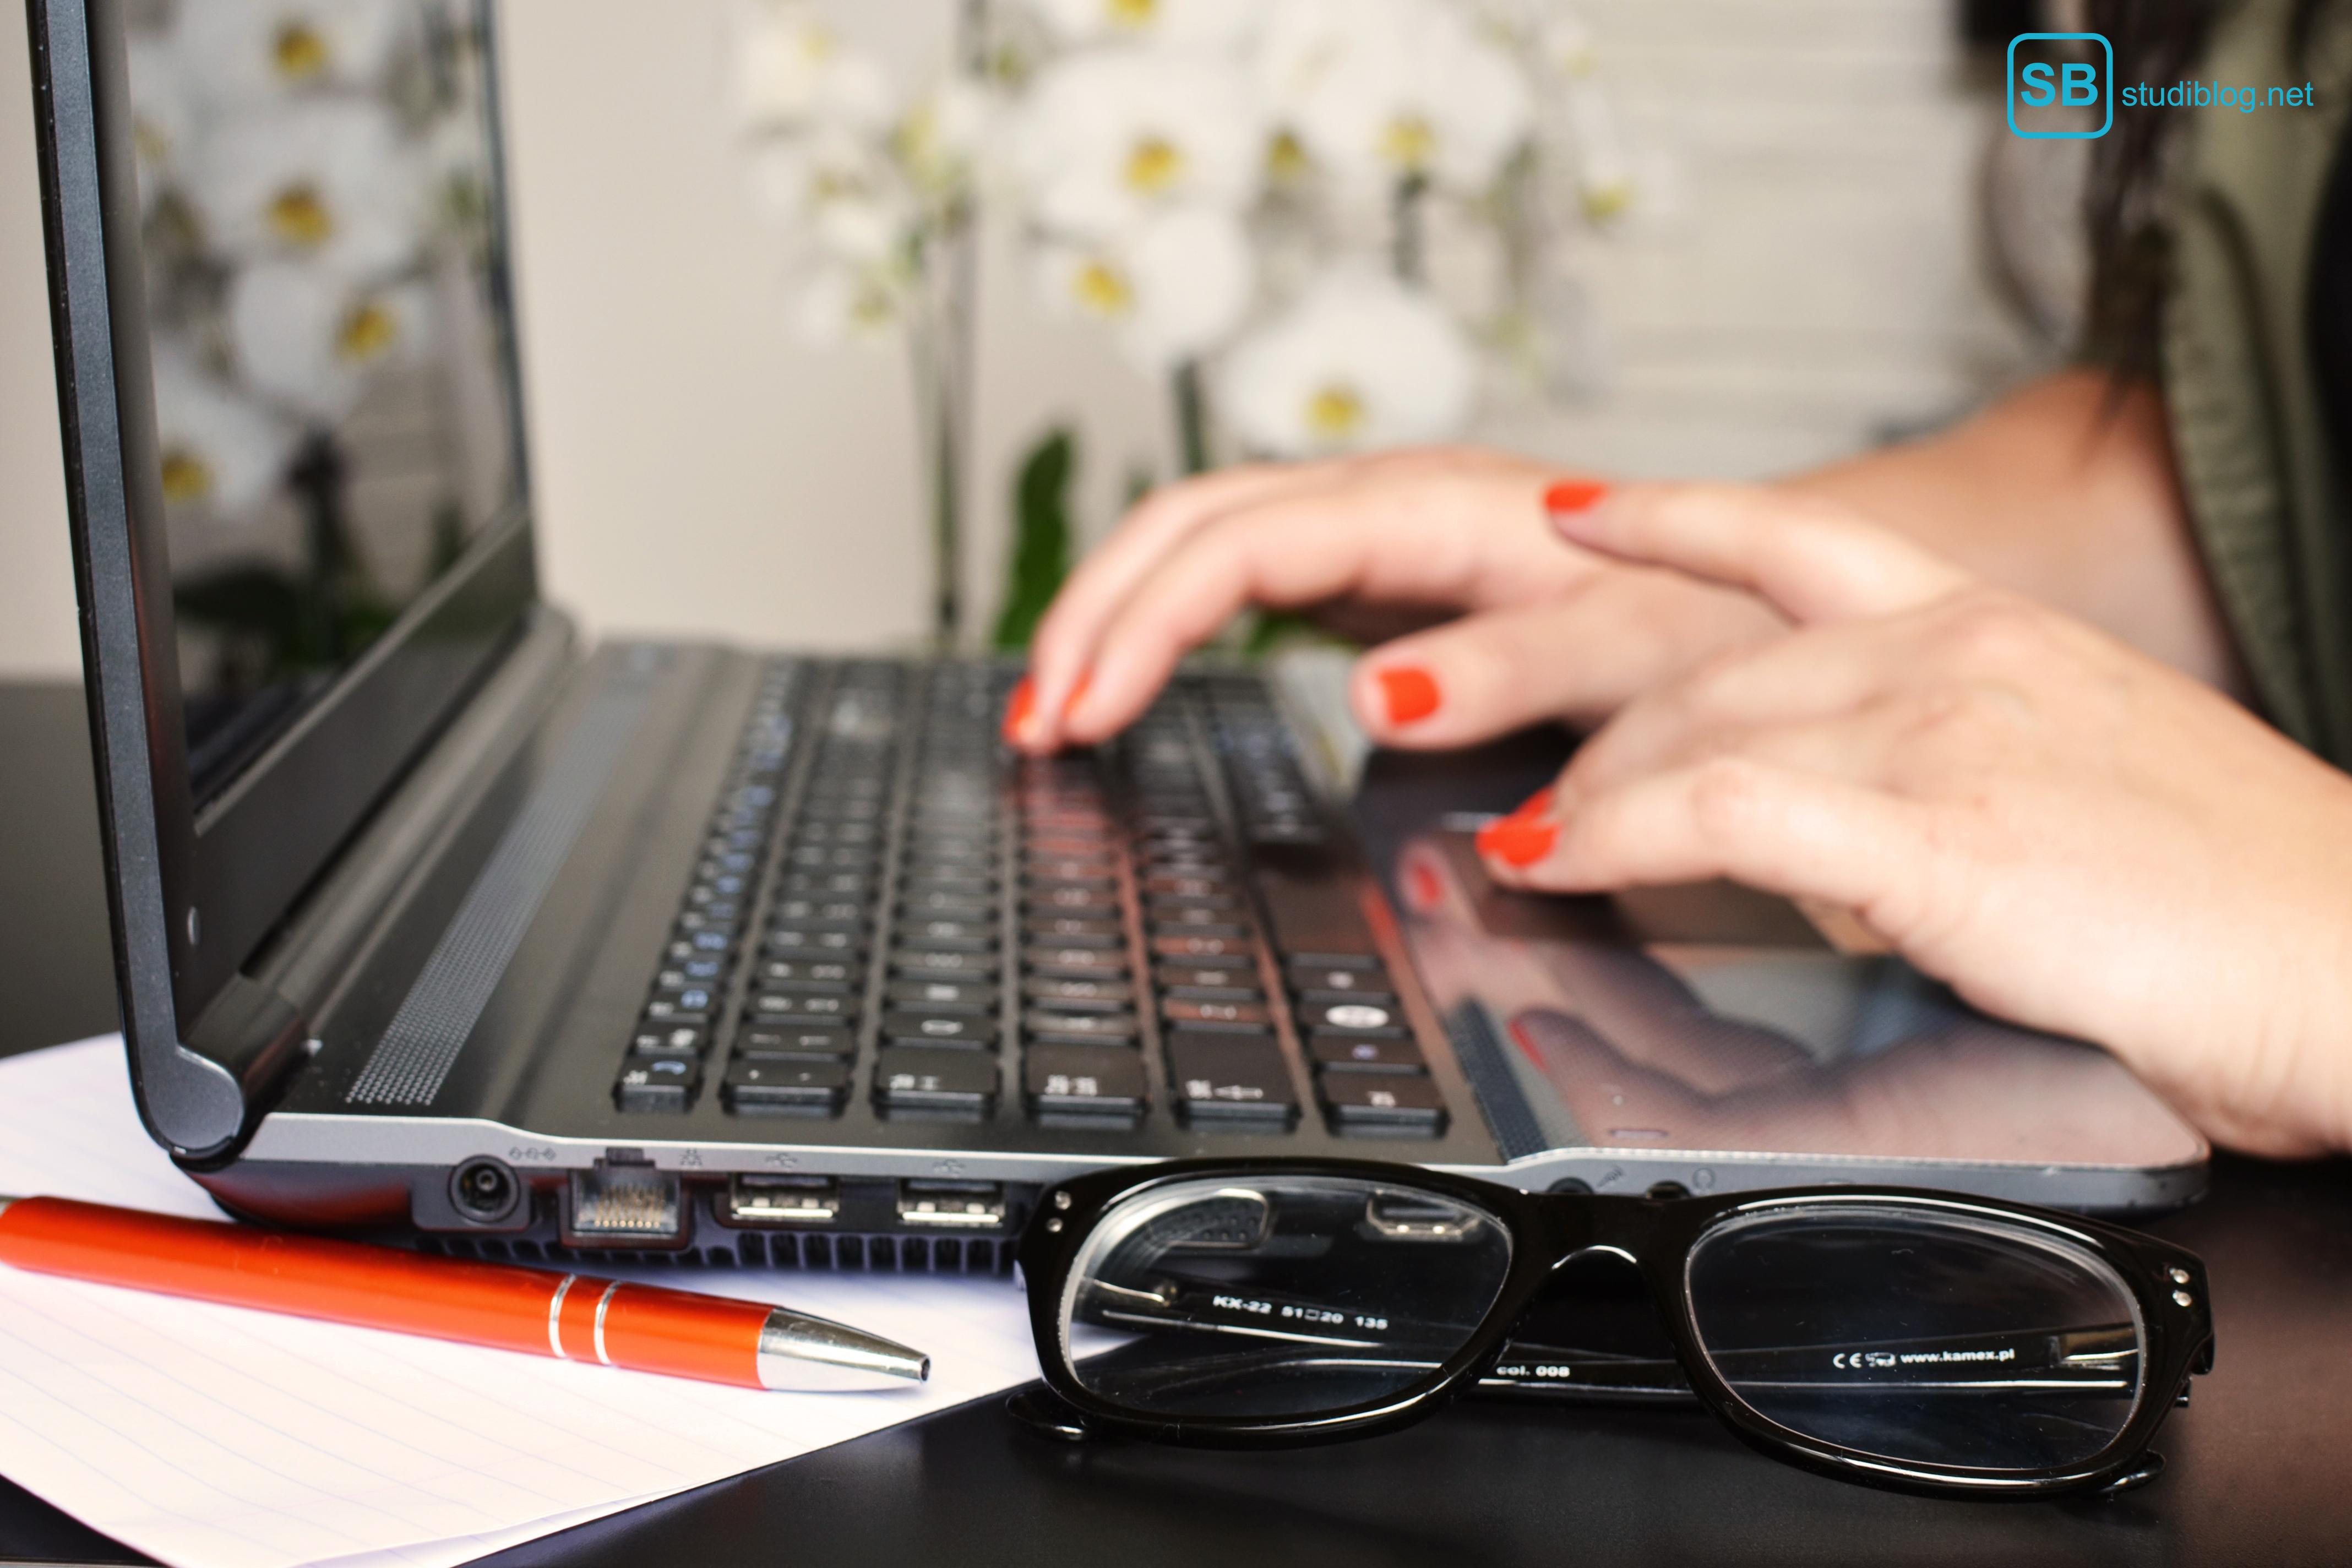 Layout der wissenschaftlichen Arbeit: Mädchen schreibt etwas an einem Laptop